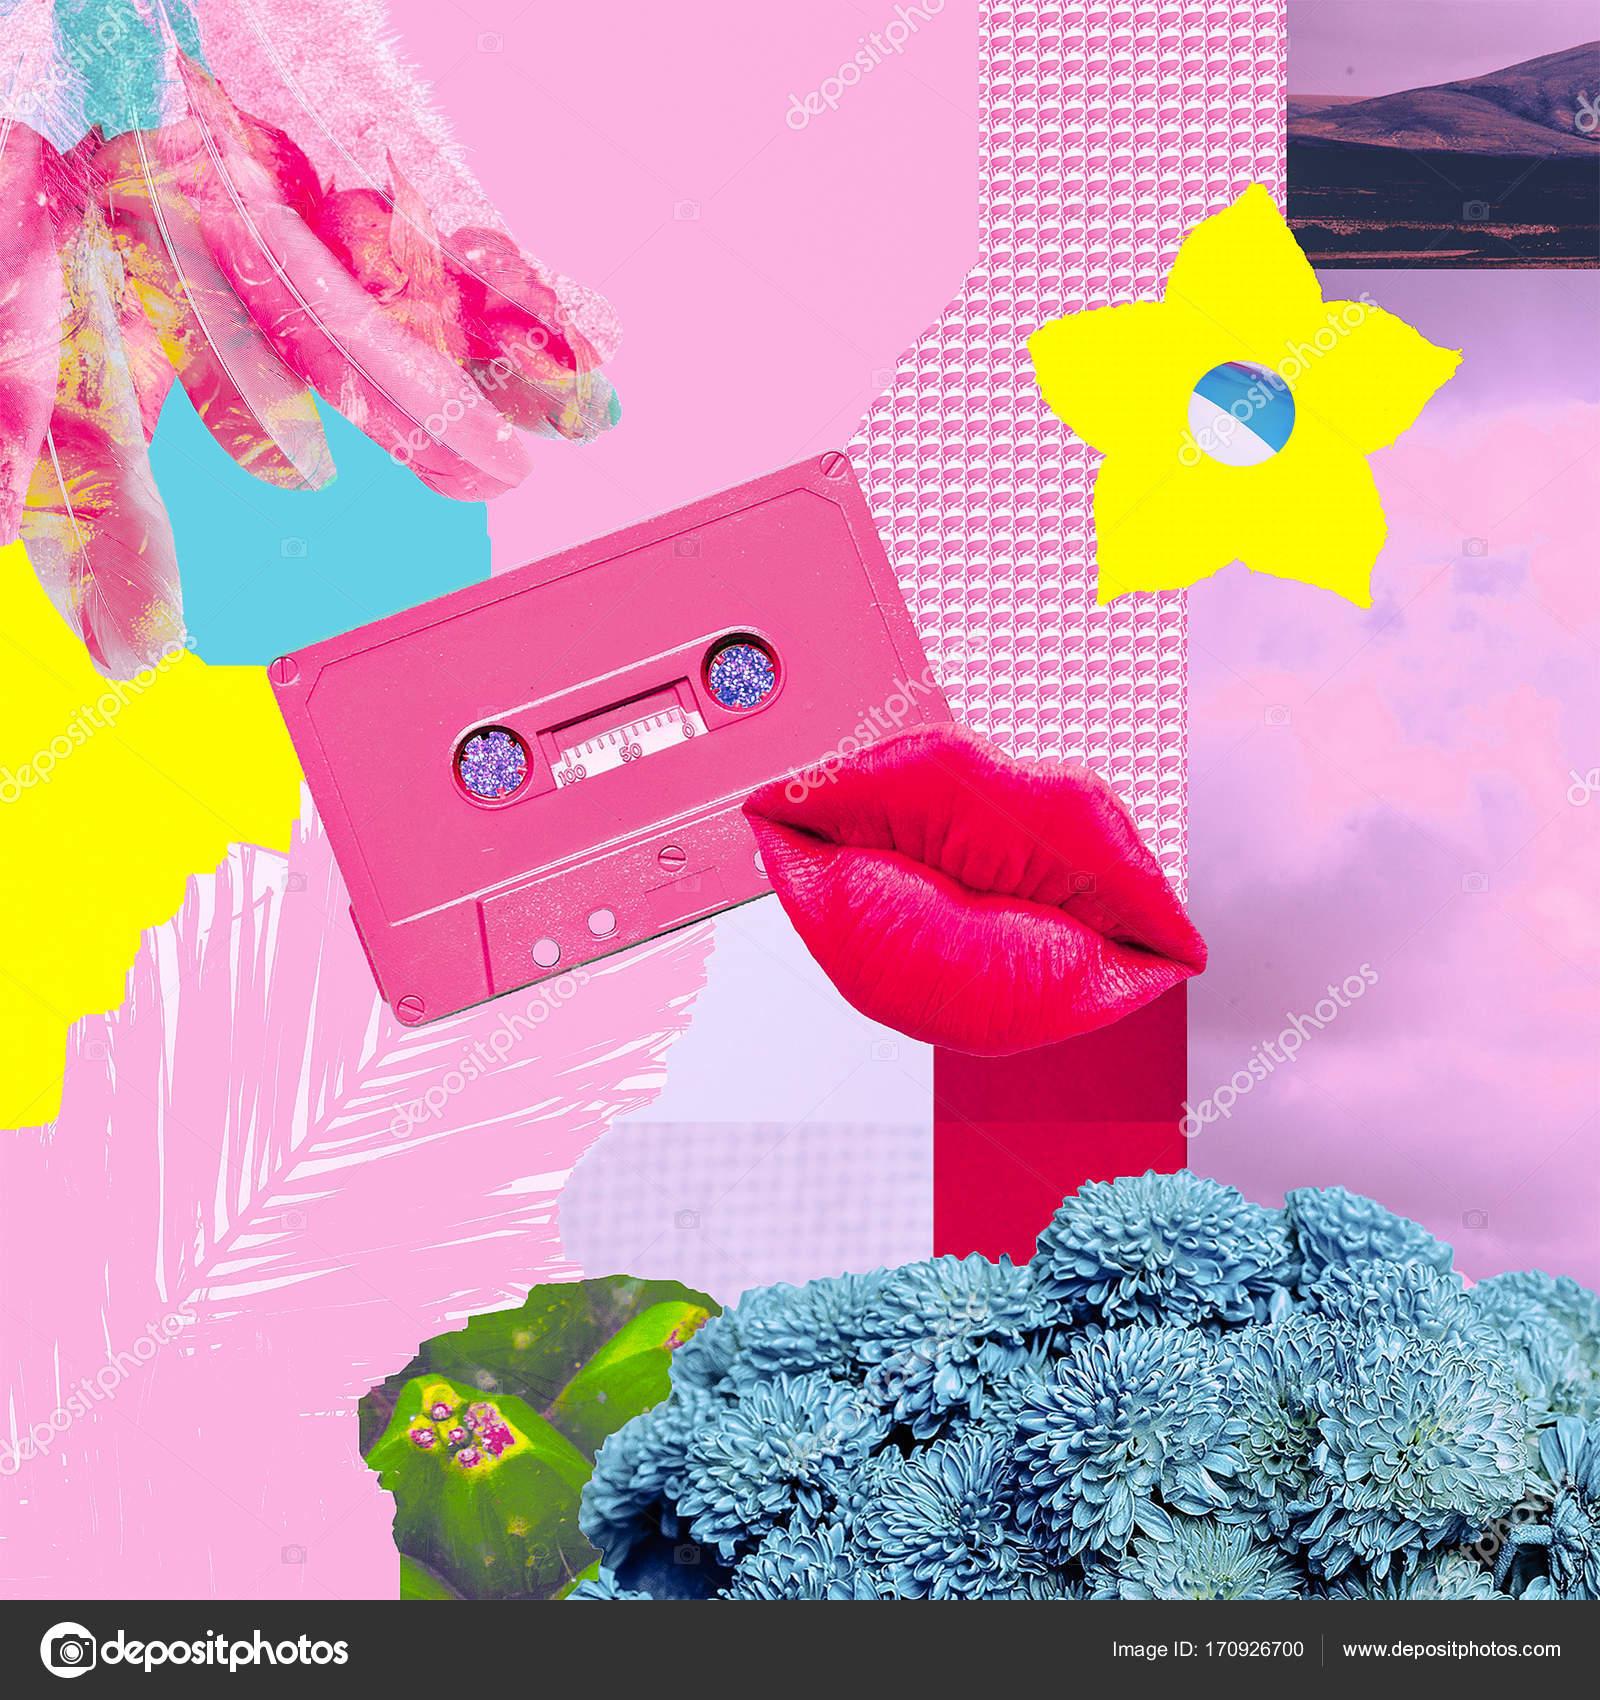 Zeitgenössische Kunst Collage. Musik, Liebe und Frieden. Hippie-Stil ...